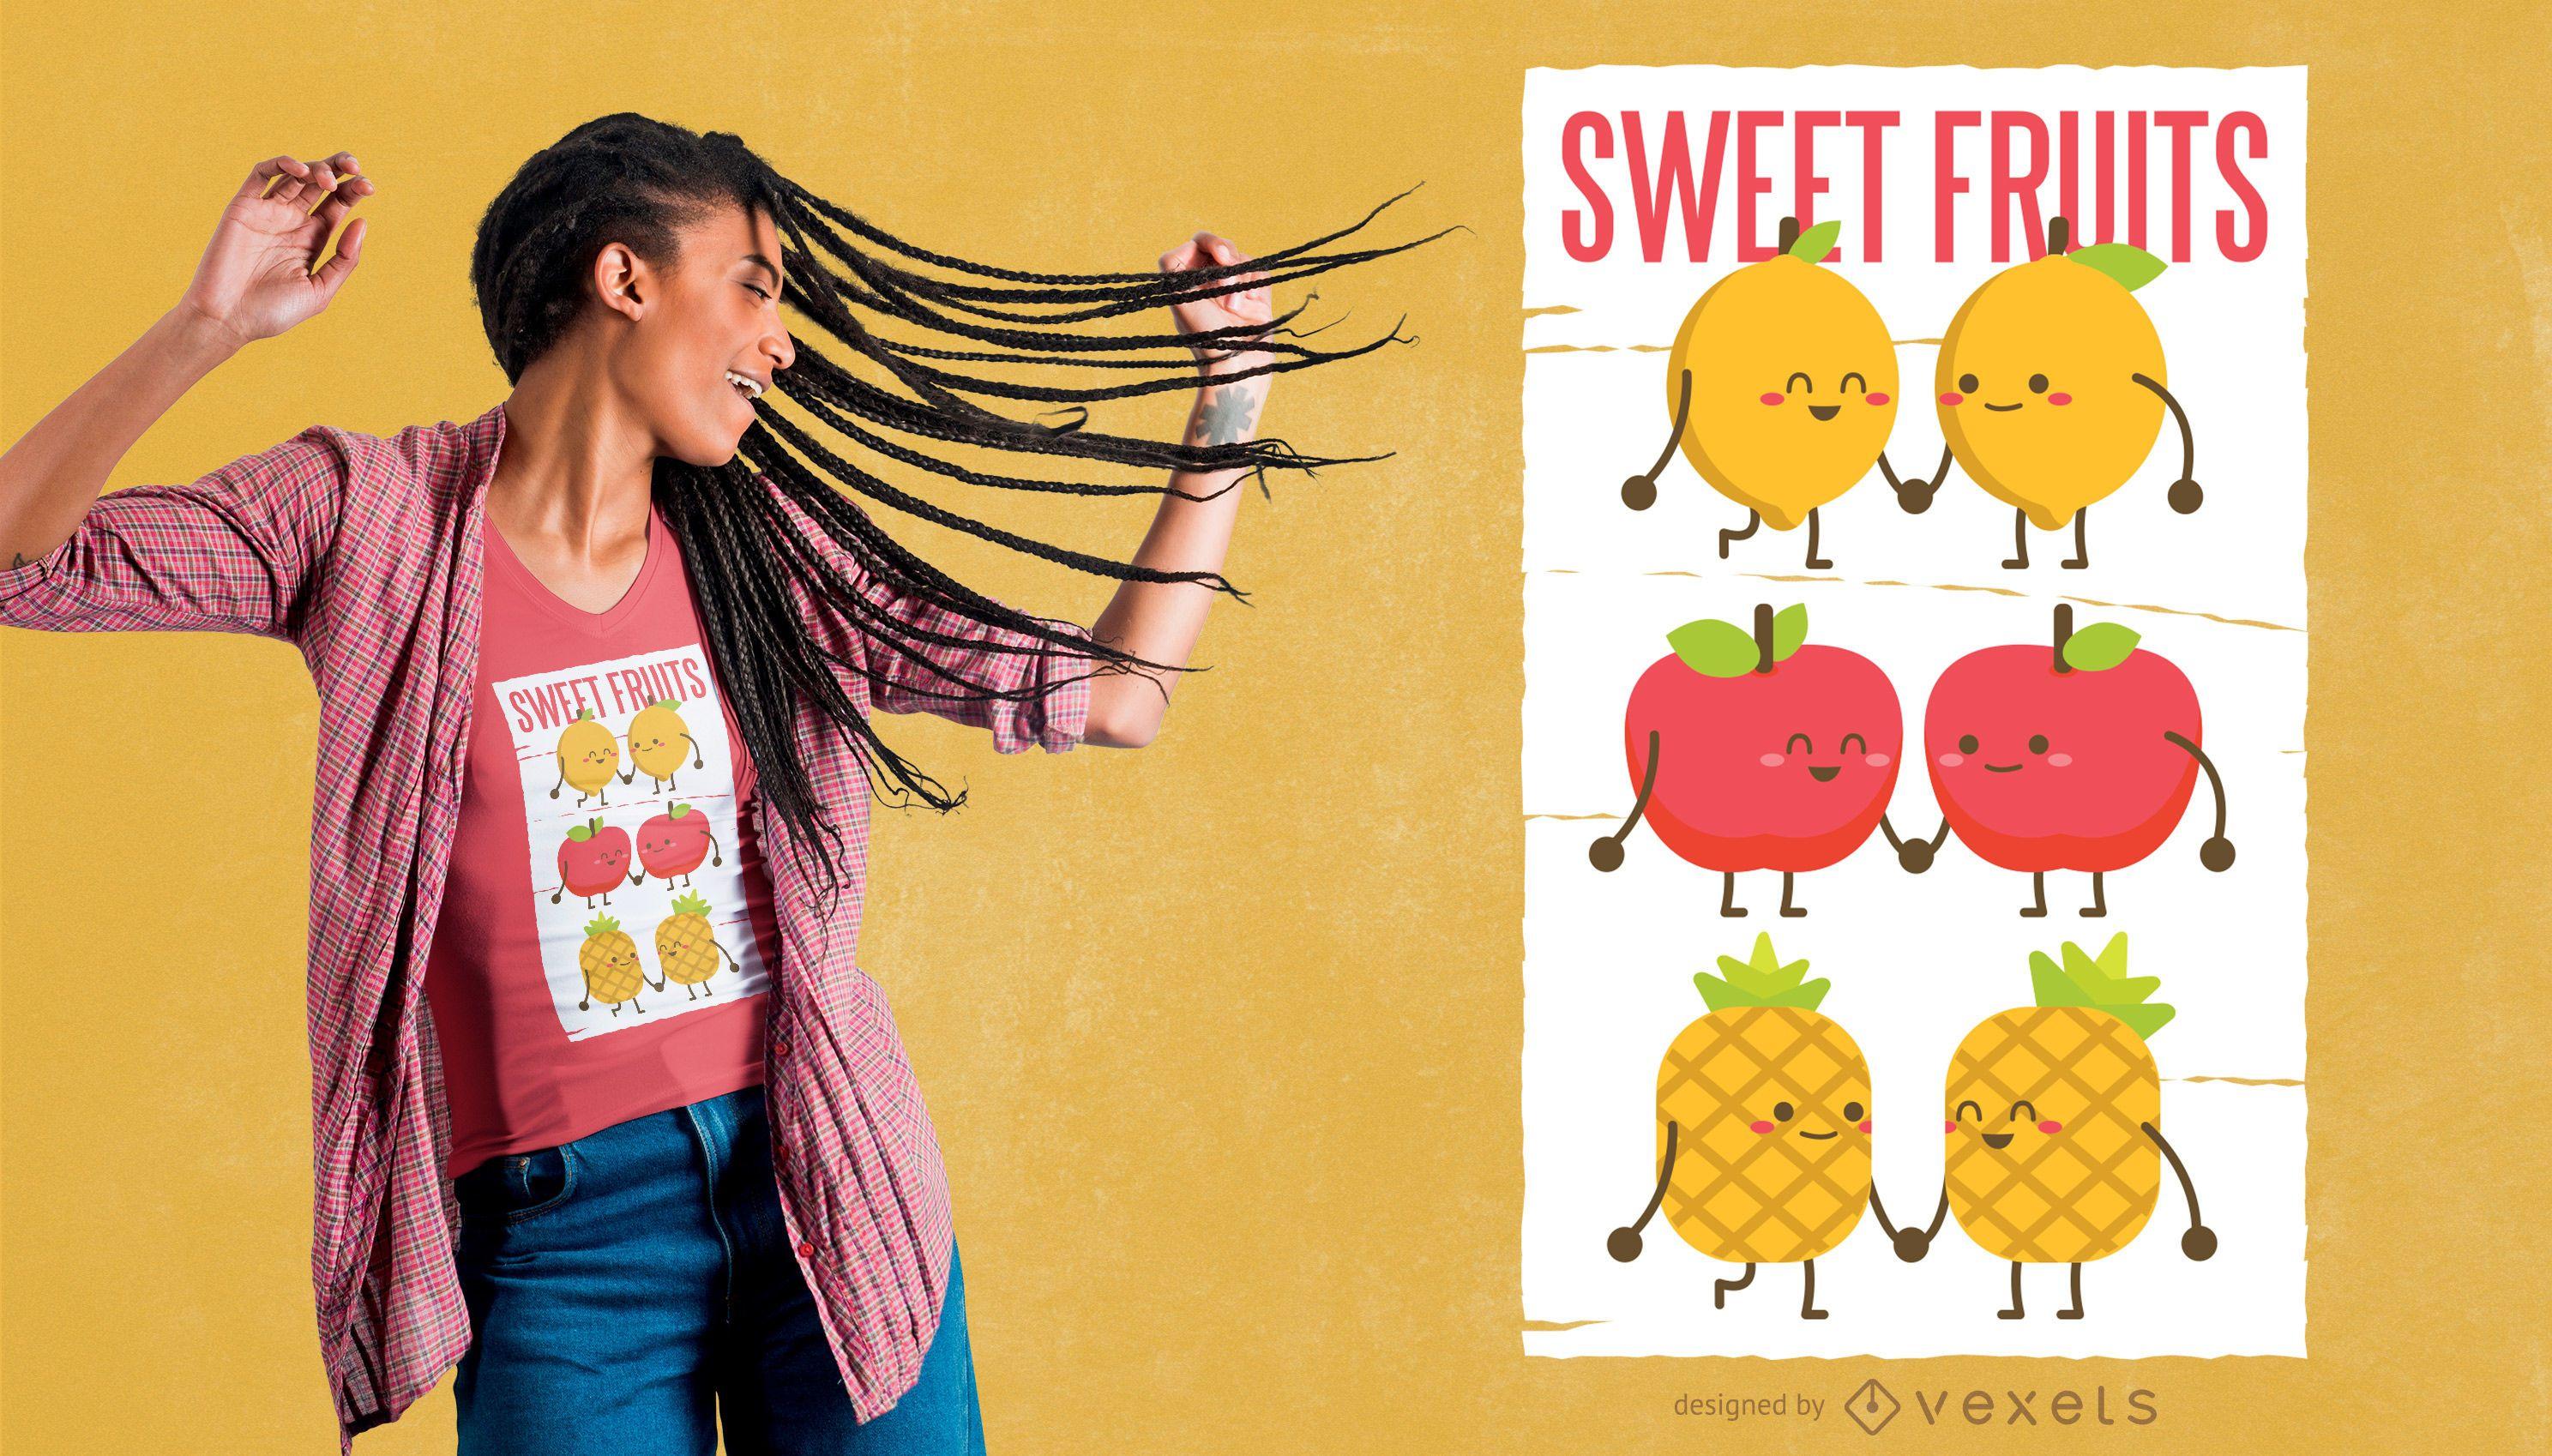 Sweet fruits t-shirt design